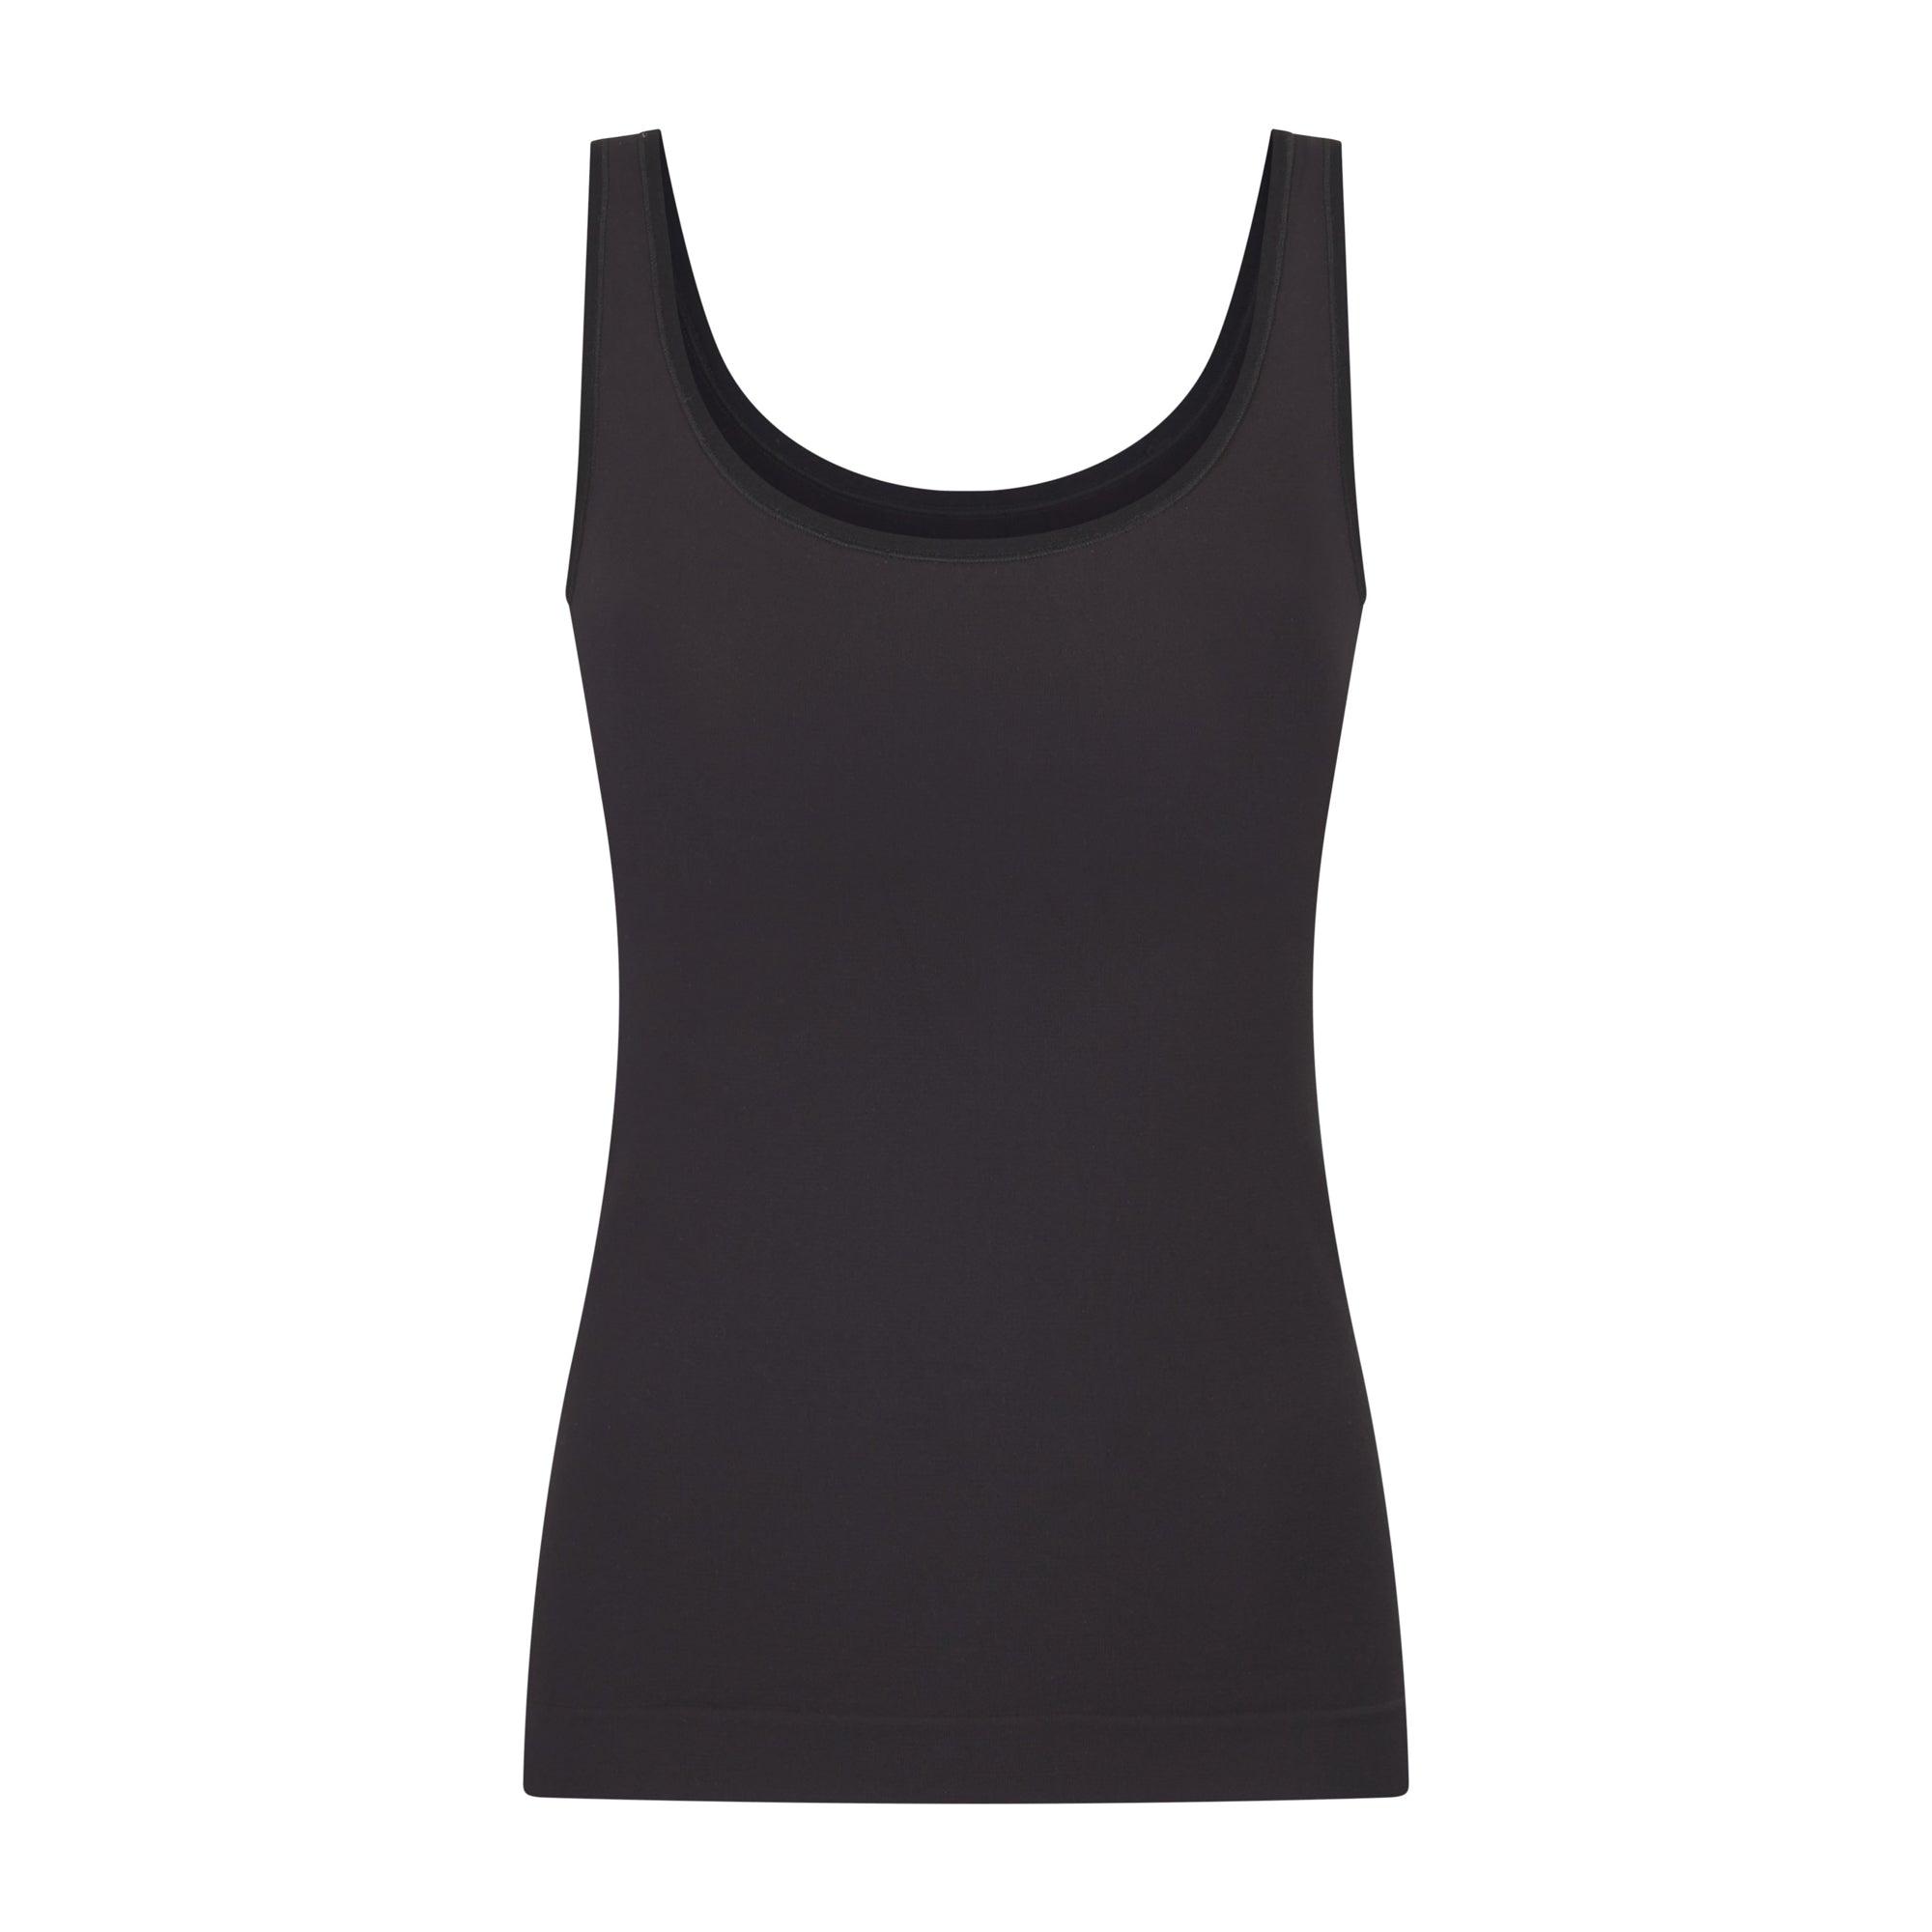 SKIMS Women's Sculpting Tank Shapewear - Black - Size 4XL/5XL; Black